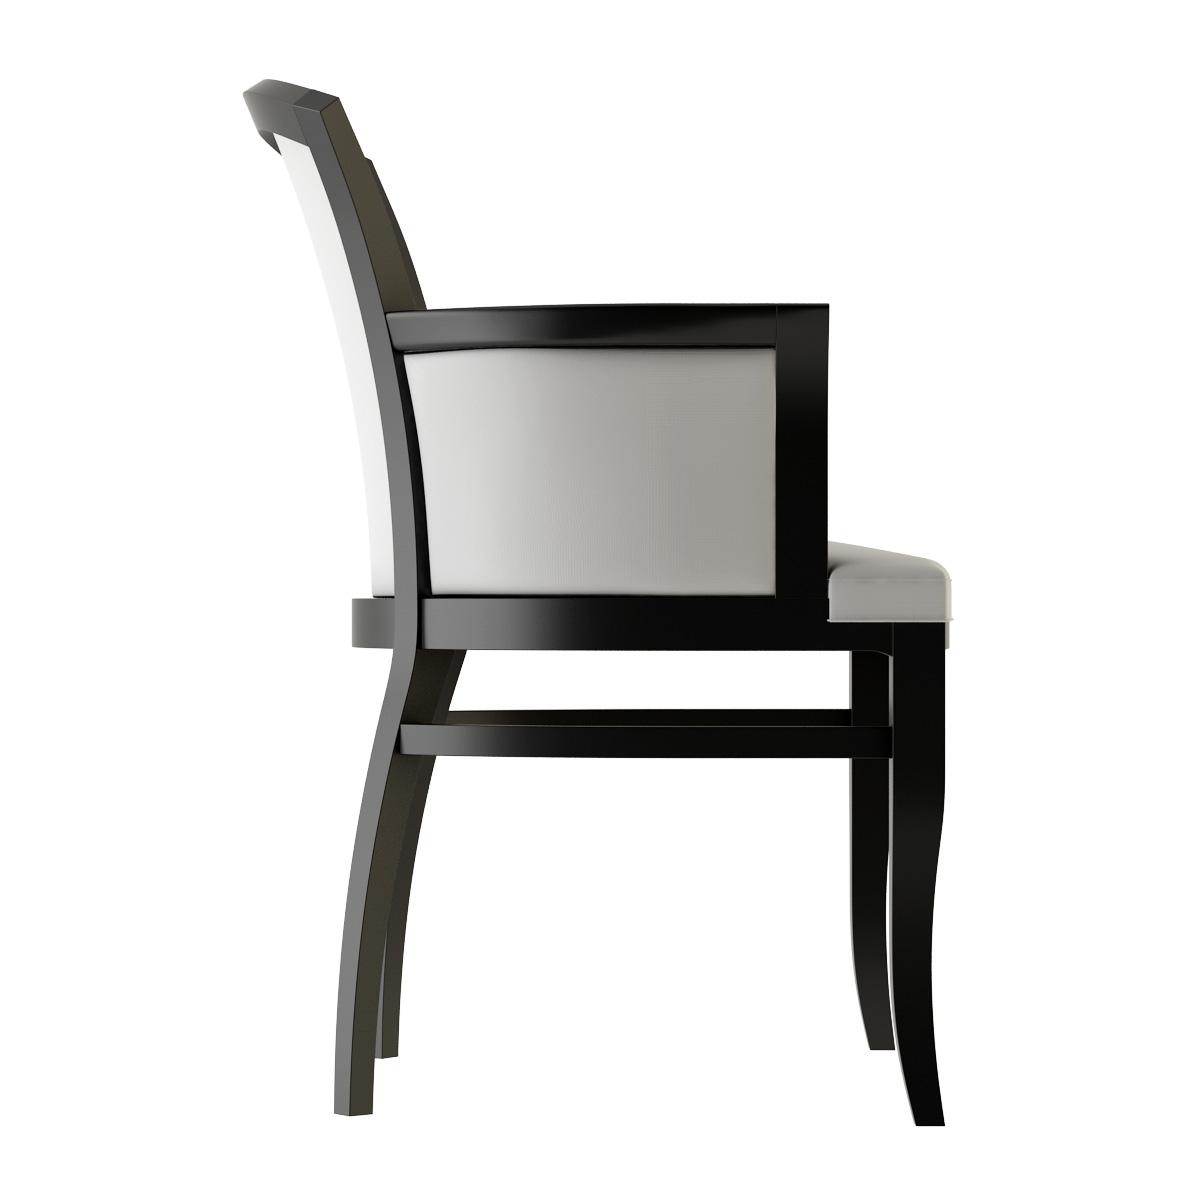 meuble par correspondance le monde de l a. Black Bedroom Furniture Sets. Home Design Ideas